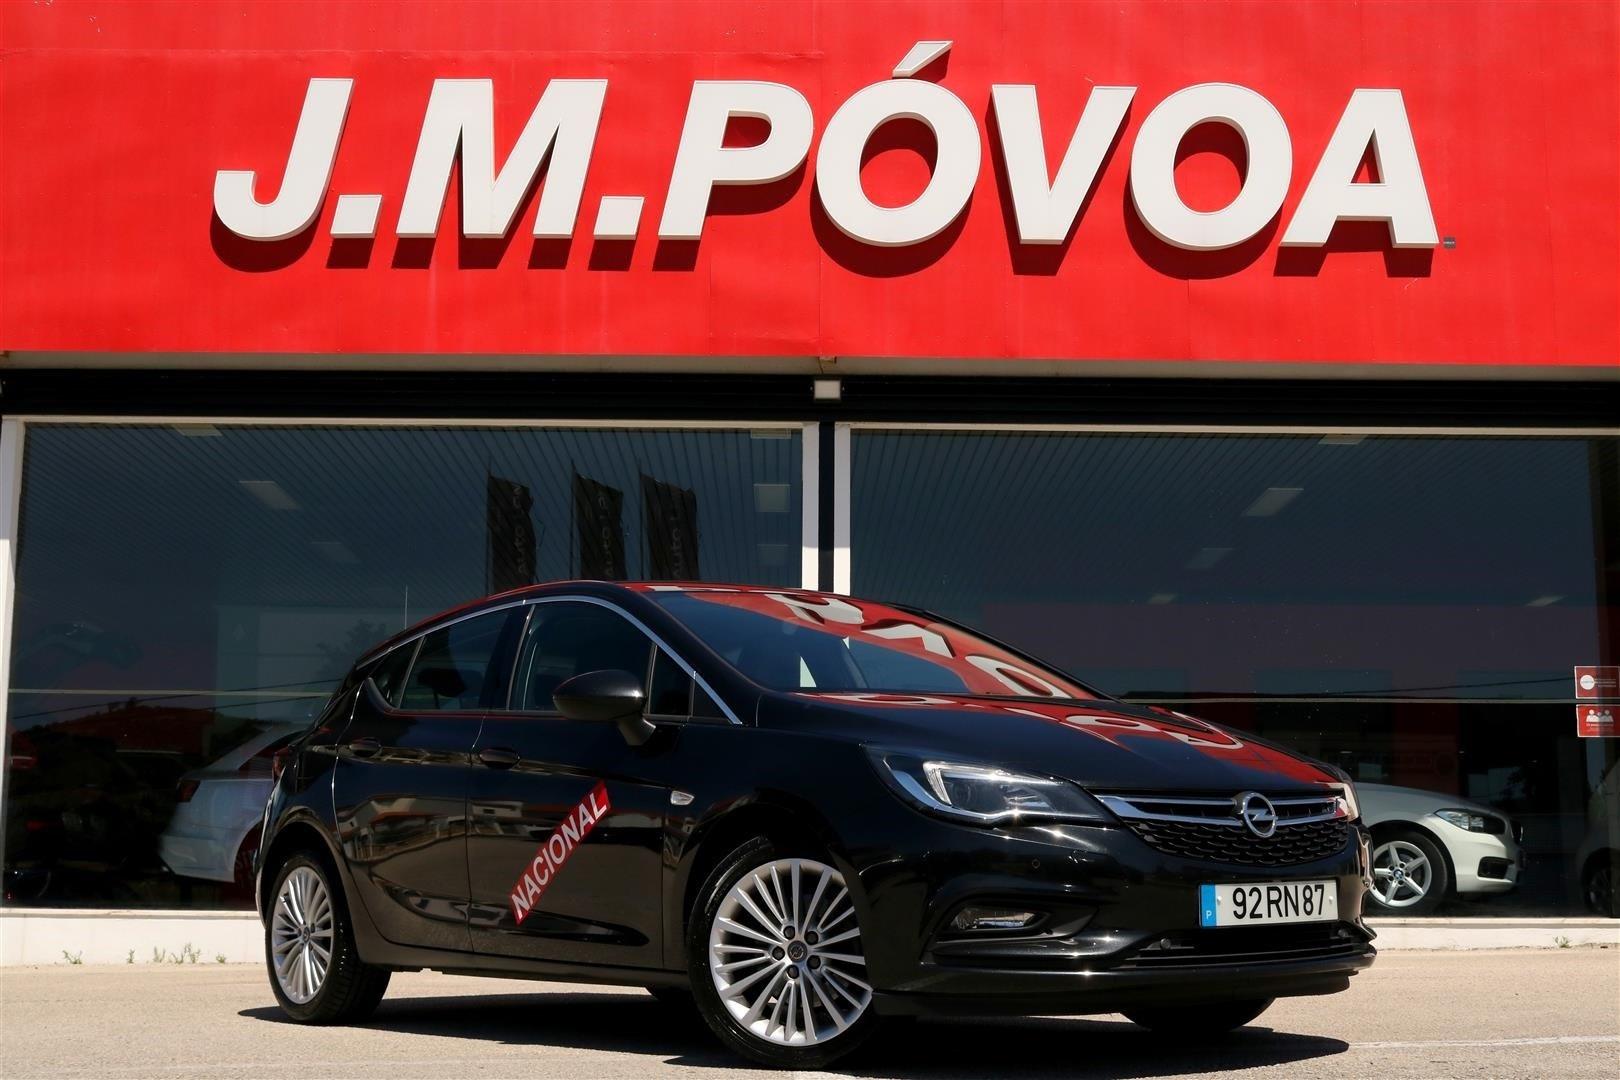 Opel Astra 1.6 CDTI Innovation S/S 136cv